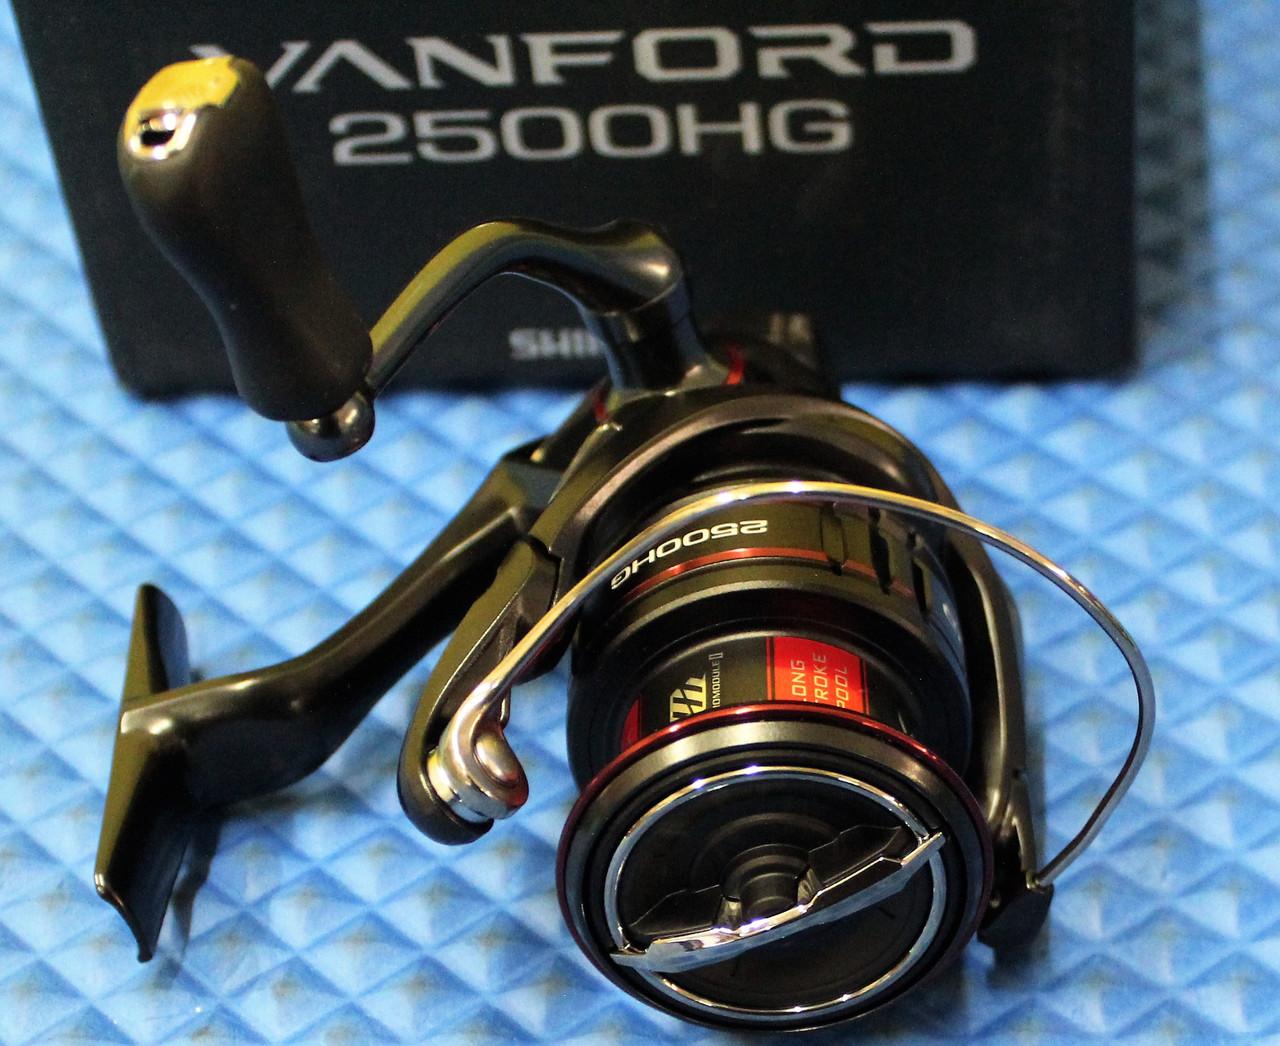 Vanford VF2500HGF